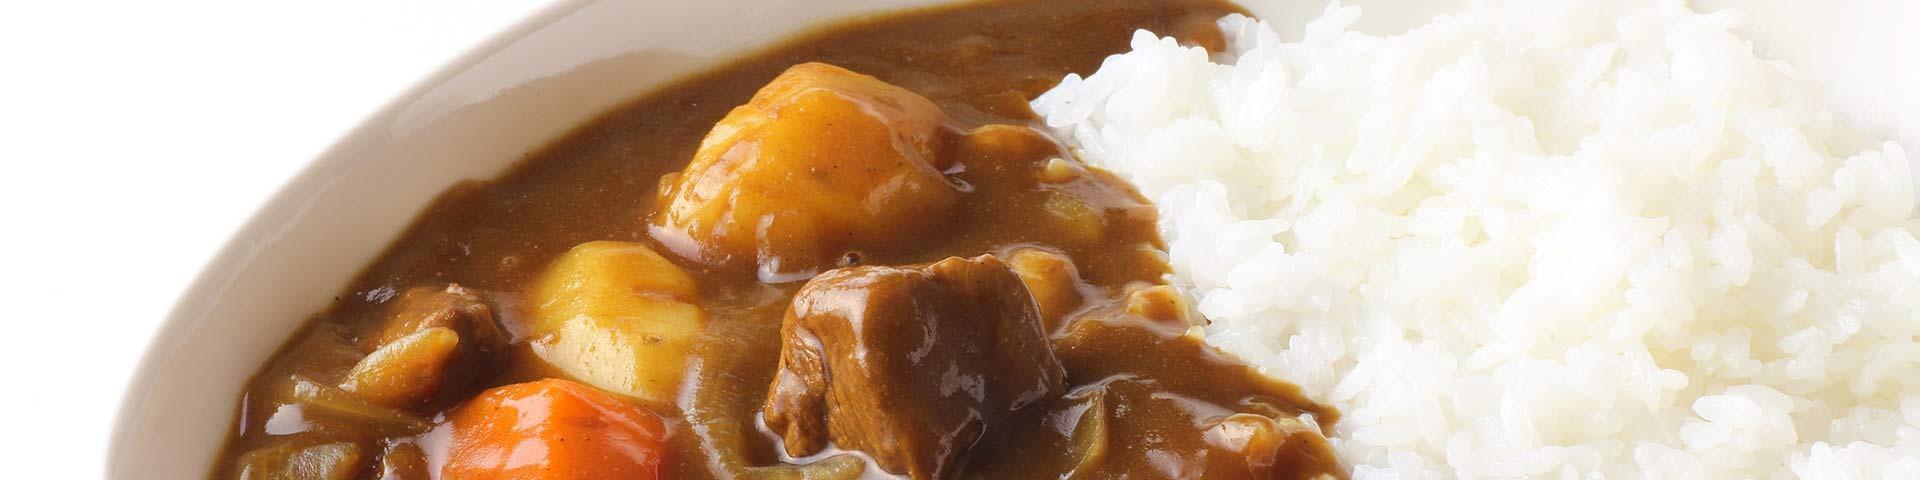 日本食品|カレー